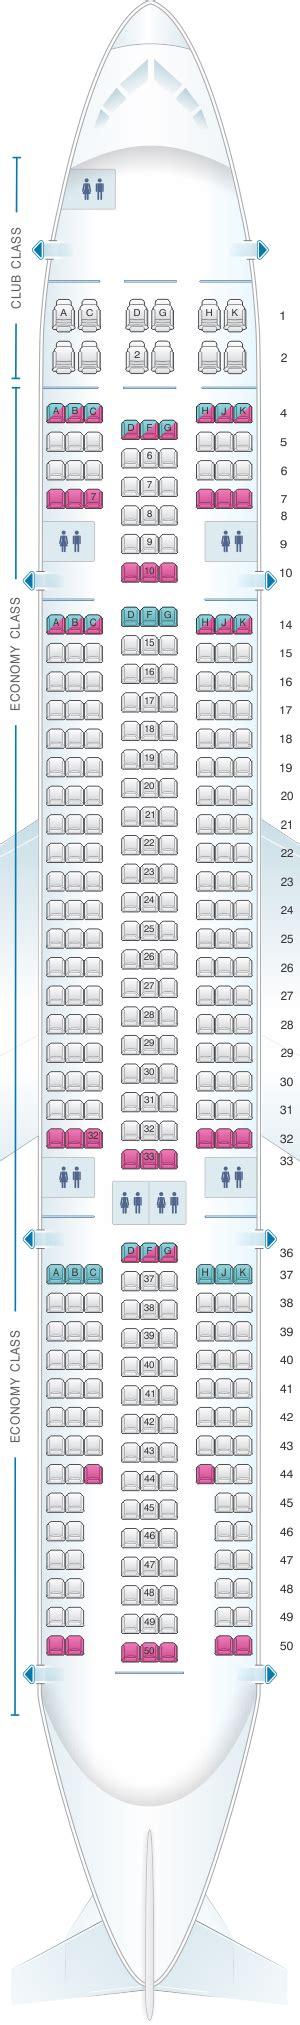 siege air transat plan de cabine air transat airbus a330 200 seatmaestro fr